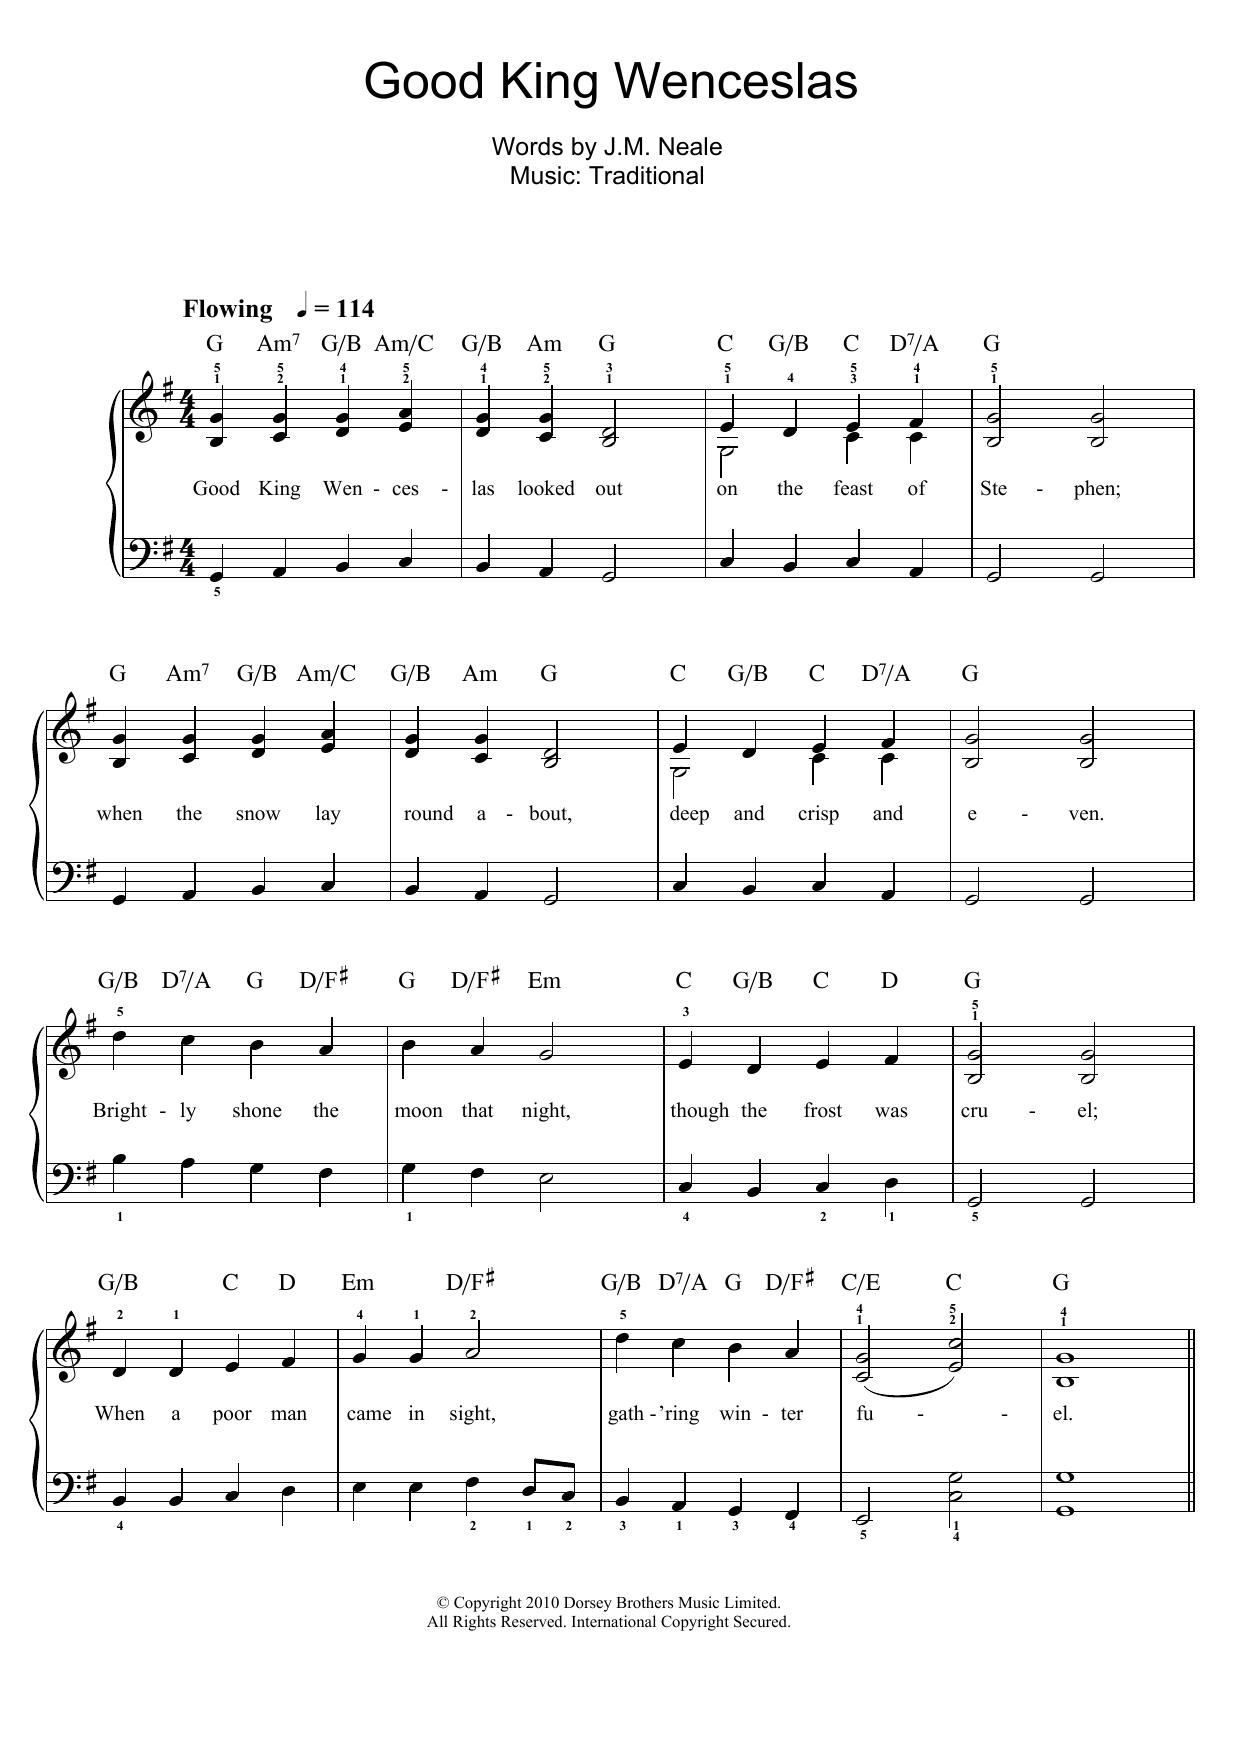 good king wenceslas - sheet music to download  sheet music digital